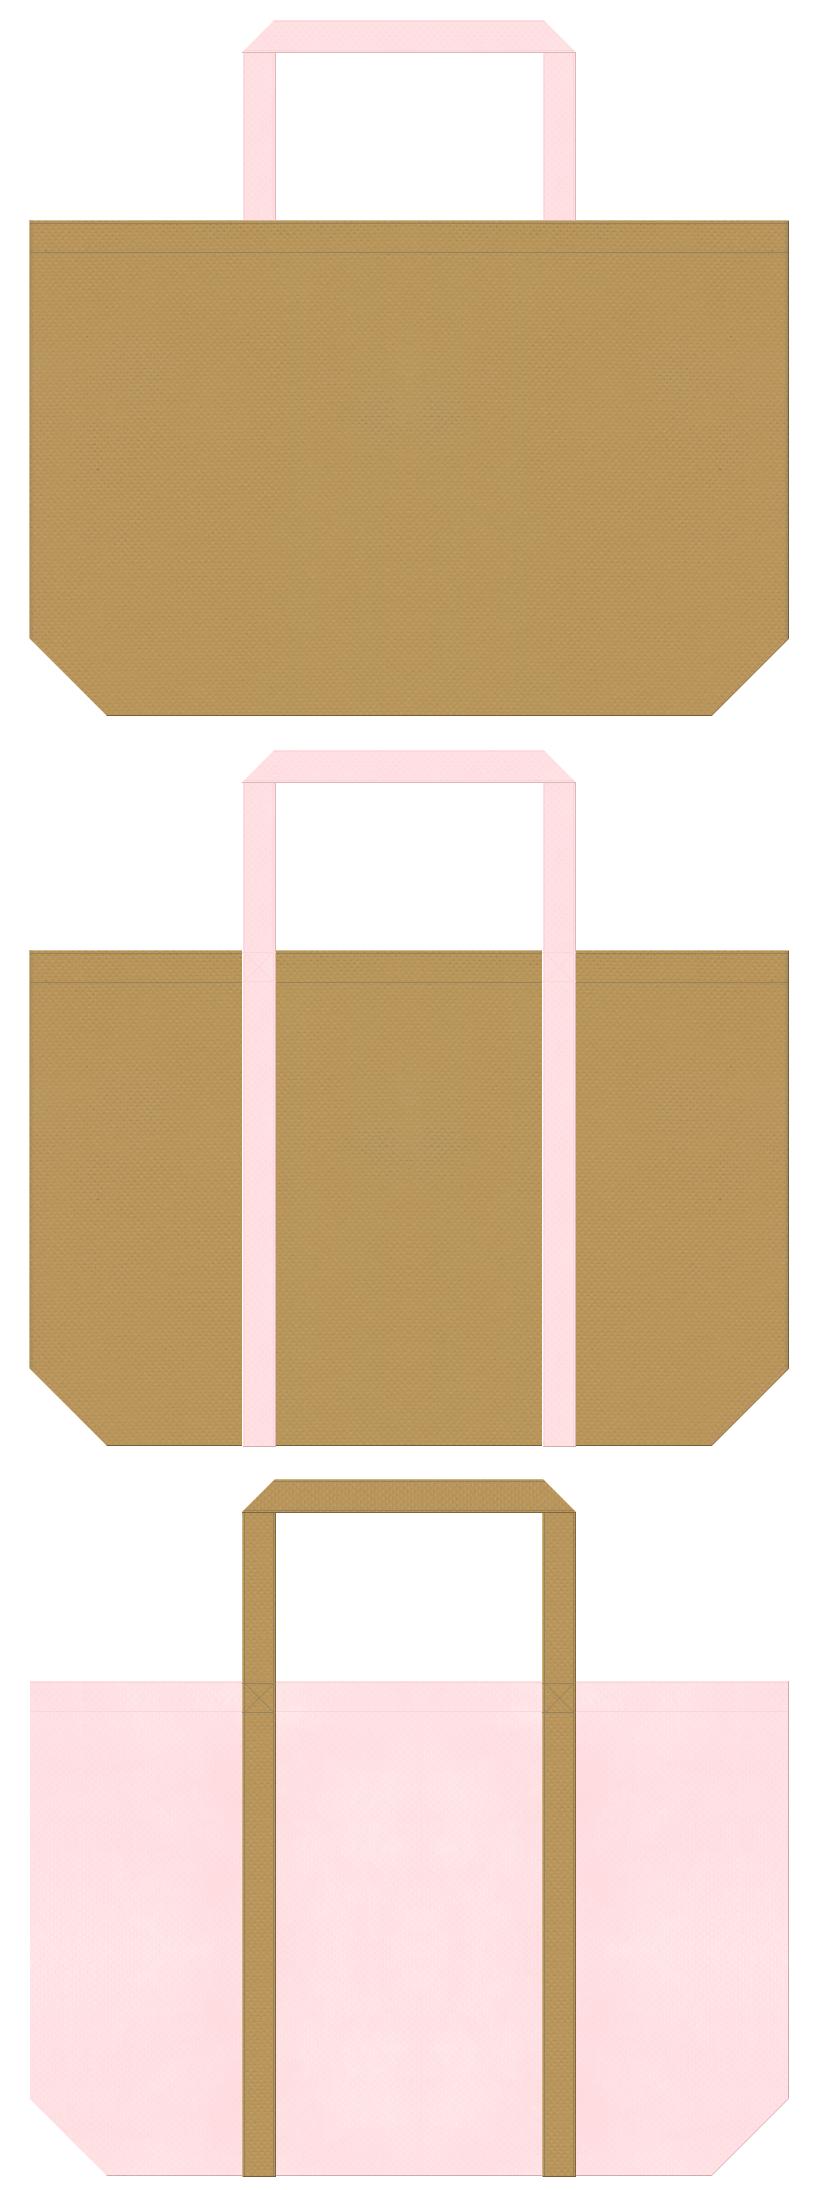 ペットショップ・ペットサロン・アニマルケア・ペット用品・ペットフードのショッピングバッグにお奨めの不織布バッグデザイン:マスタード色と桜色のコーデ